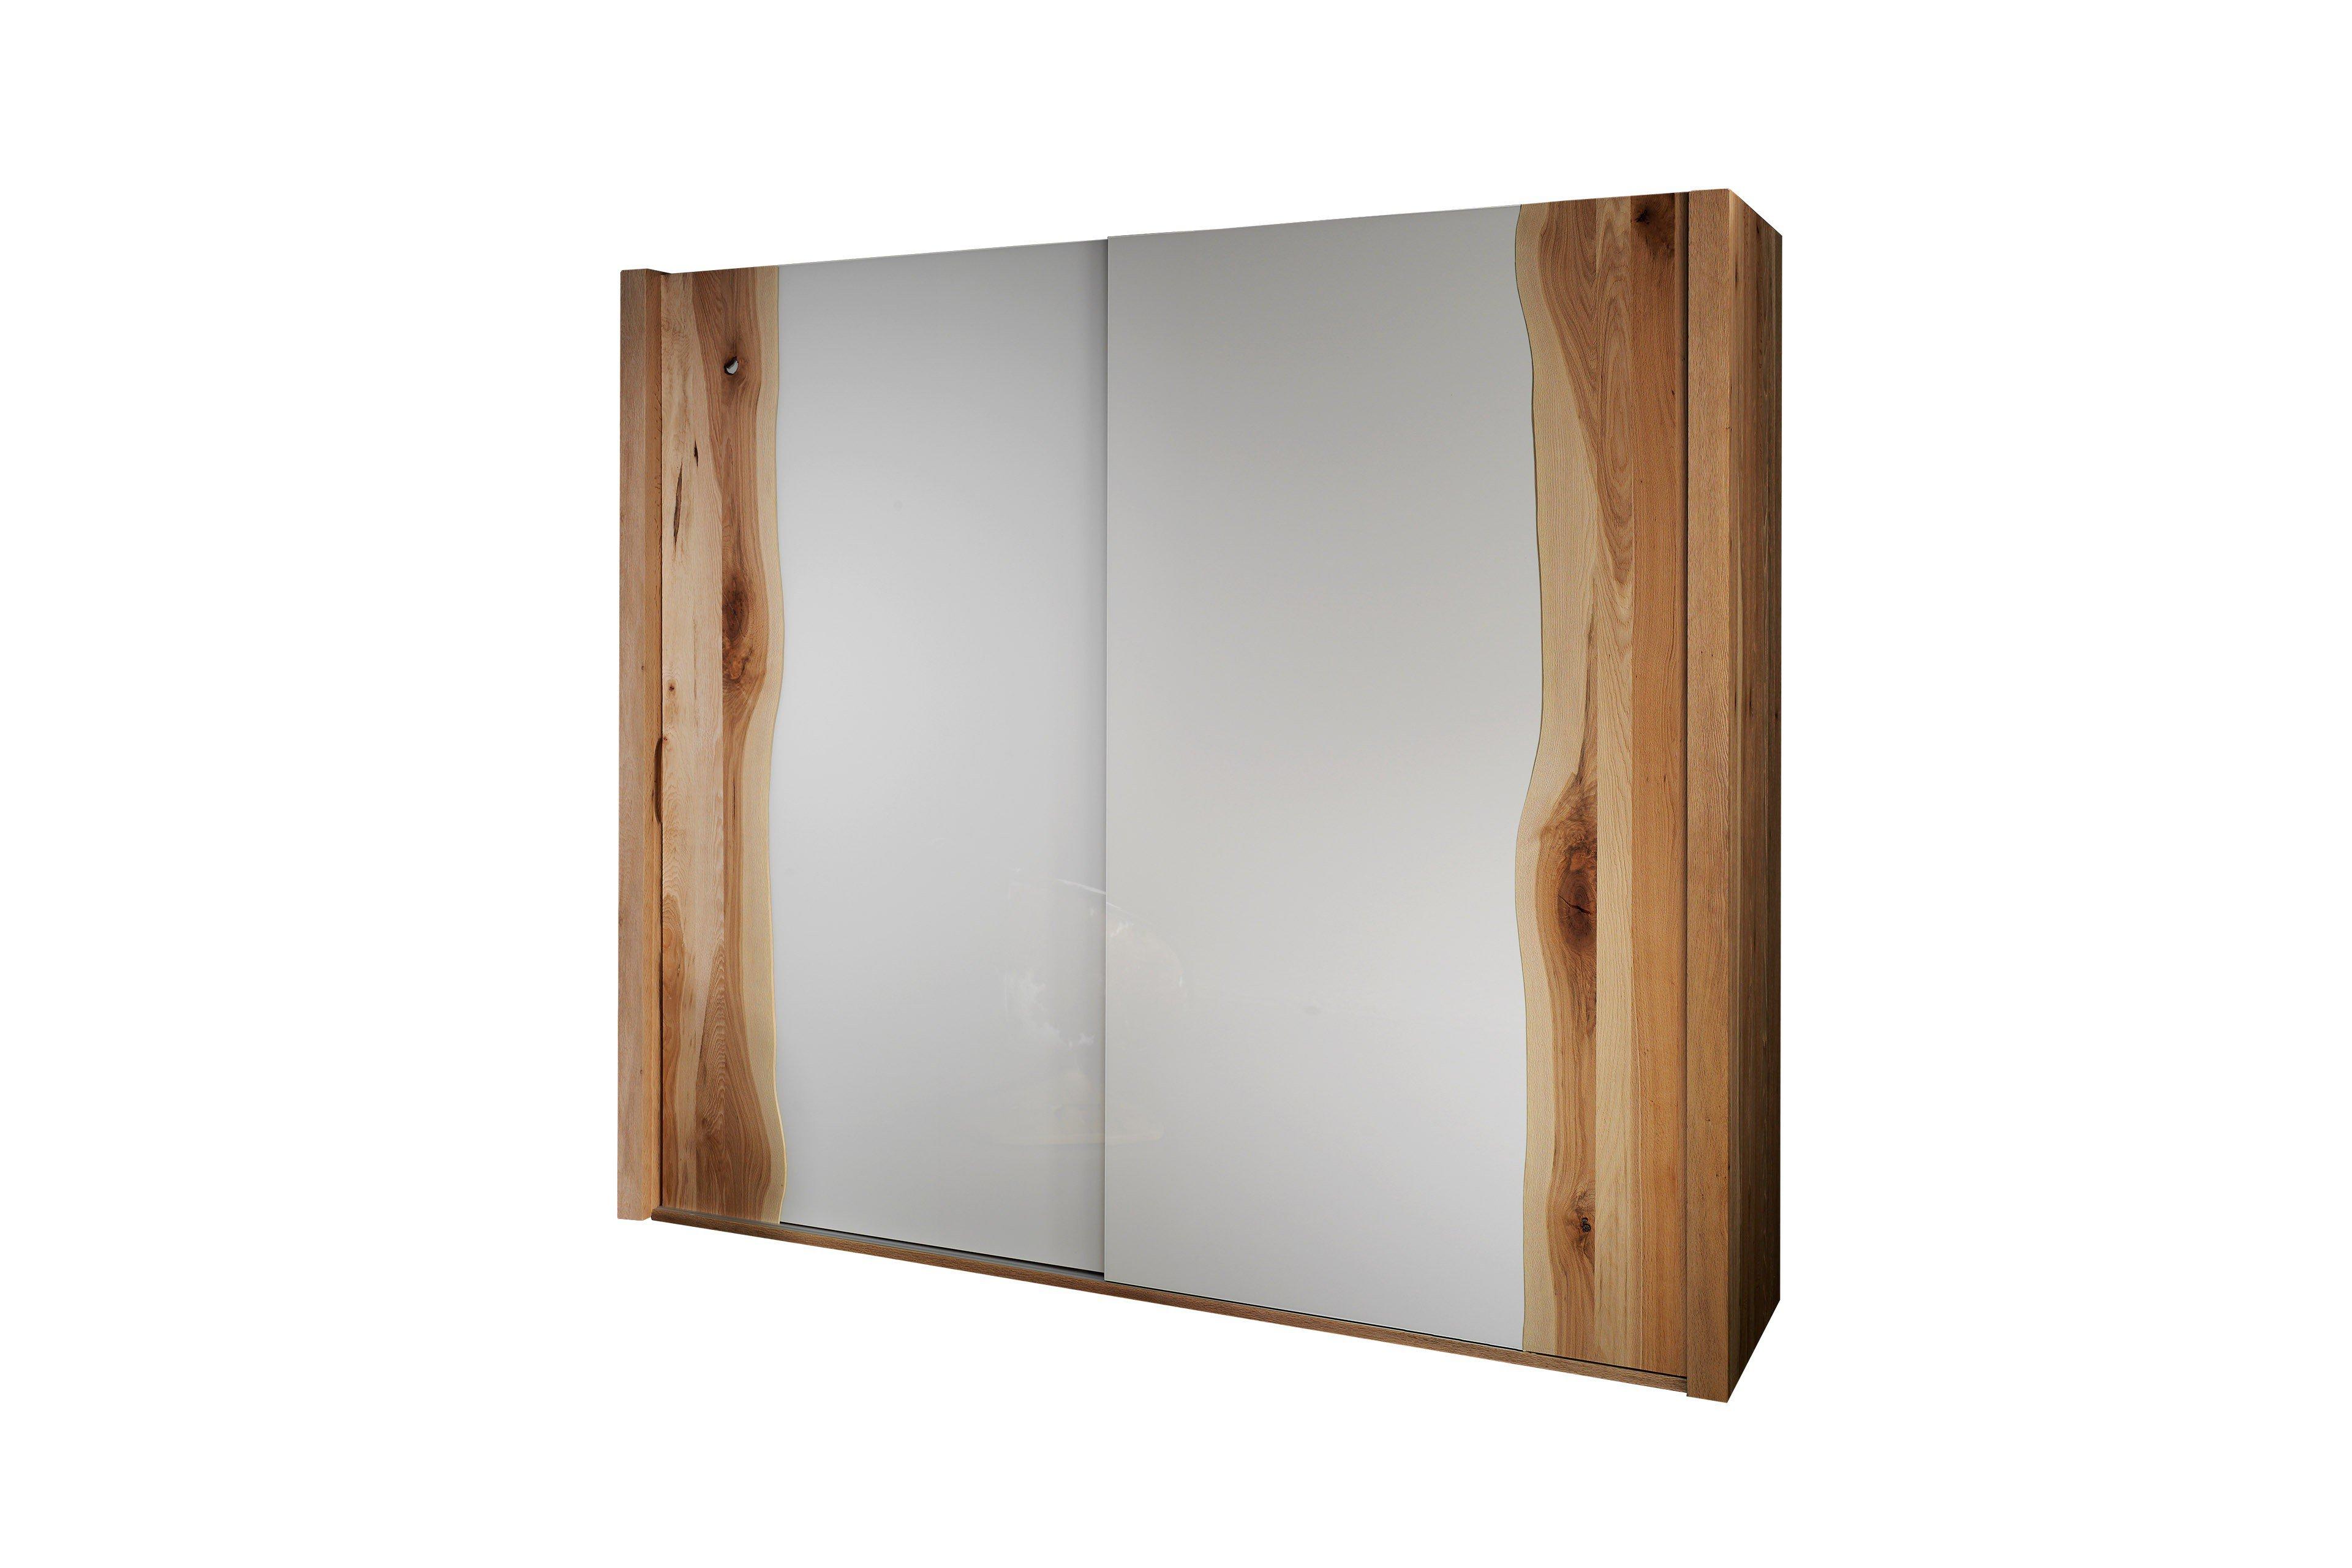 Kleiderschrank Sprenger Möbel Glas weiß | Möbel Letz - Ihr Online-Shop